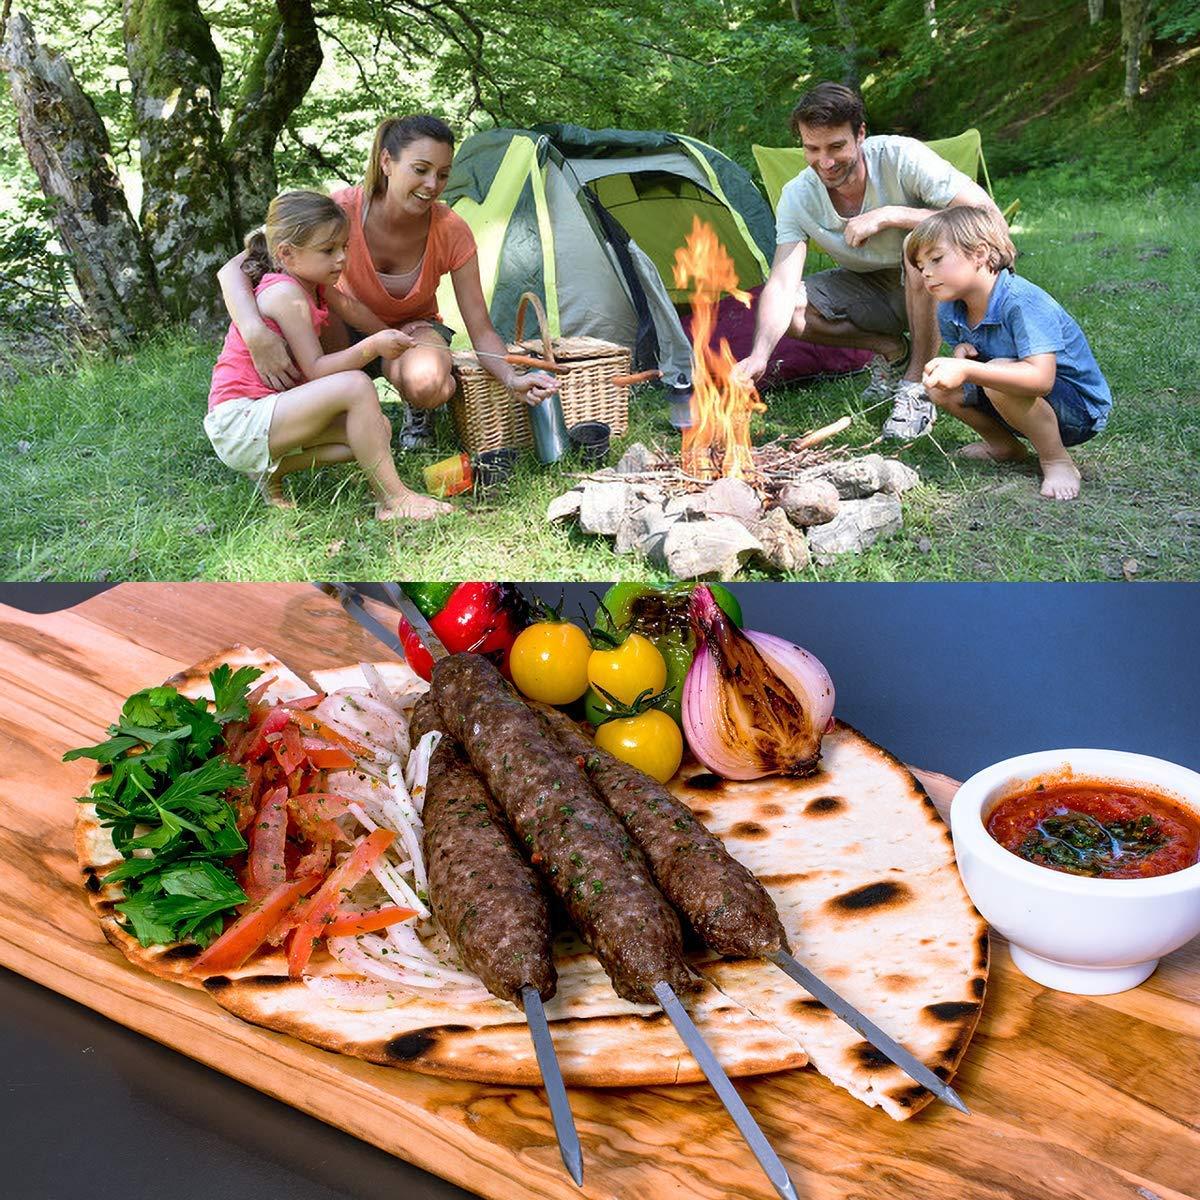 BUDDYGO Grillbesteck Koffer Professionelle Outdoor Camping Grill-Werkzeuge Zubeh/ör-Set Edelstahl Grillbesteck-Set 20-teilig im Koffer Premium Komplett Outdoor Barbecue Utensil Geschenke-Set